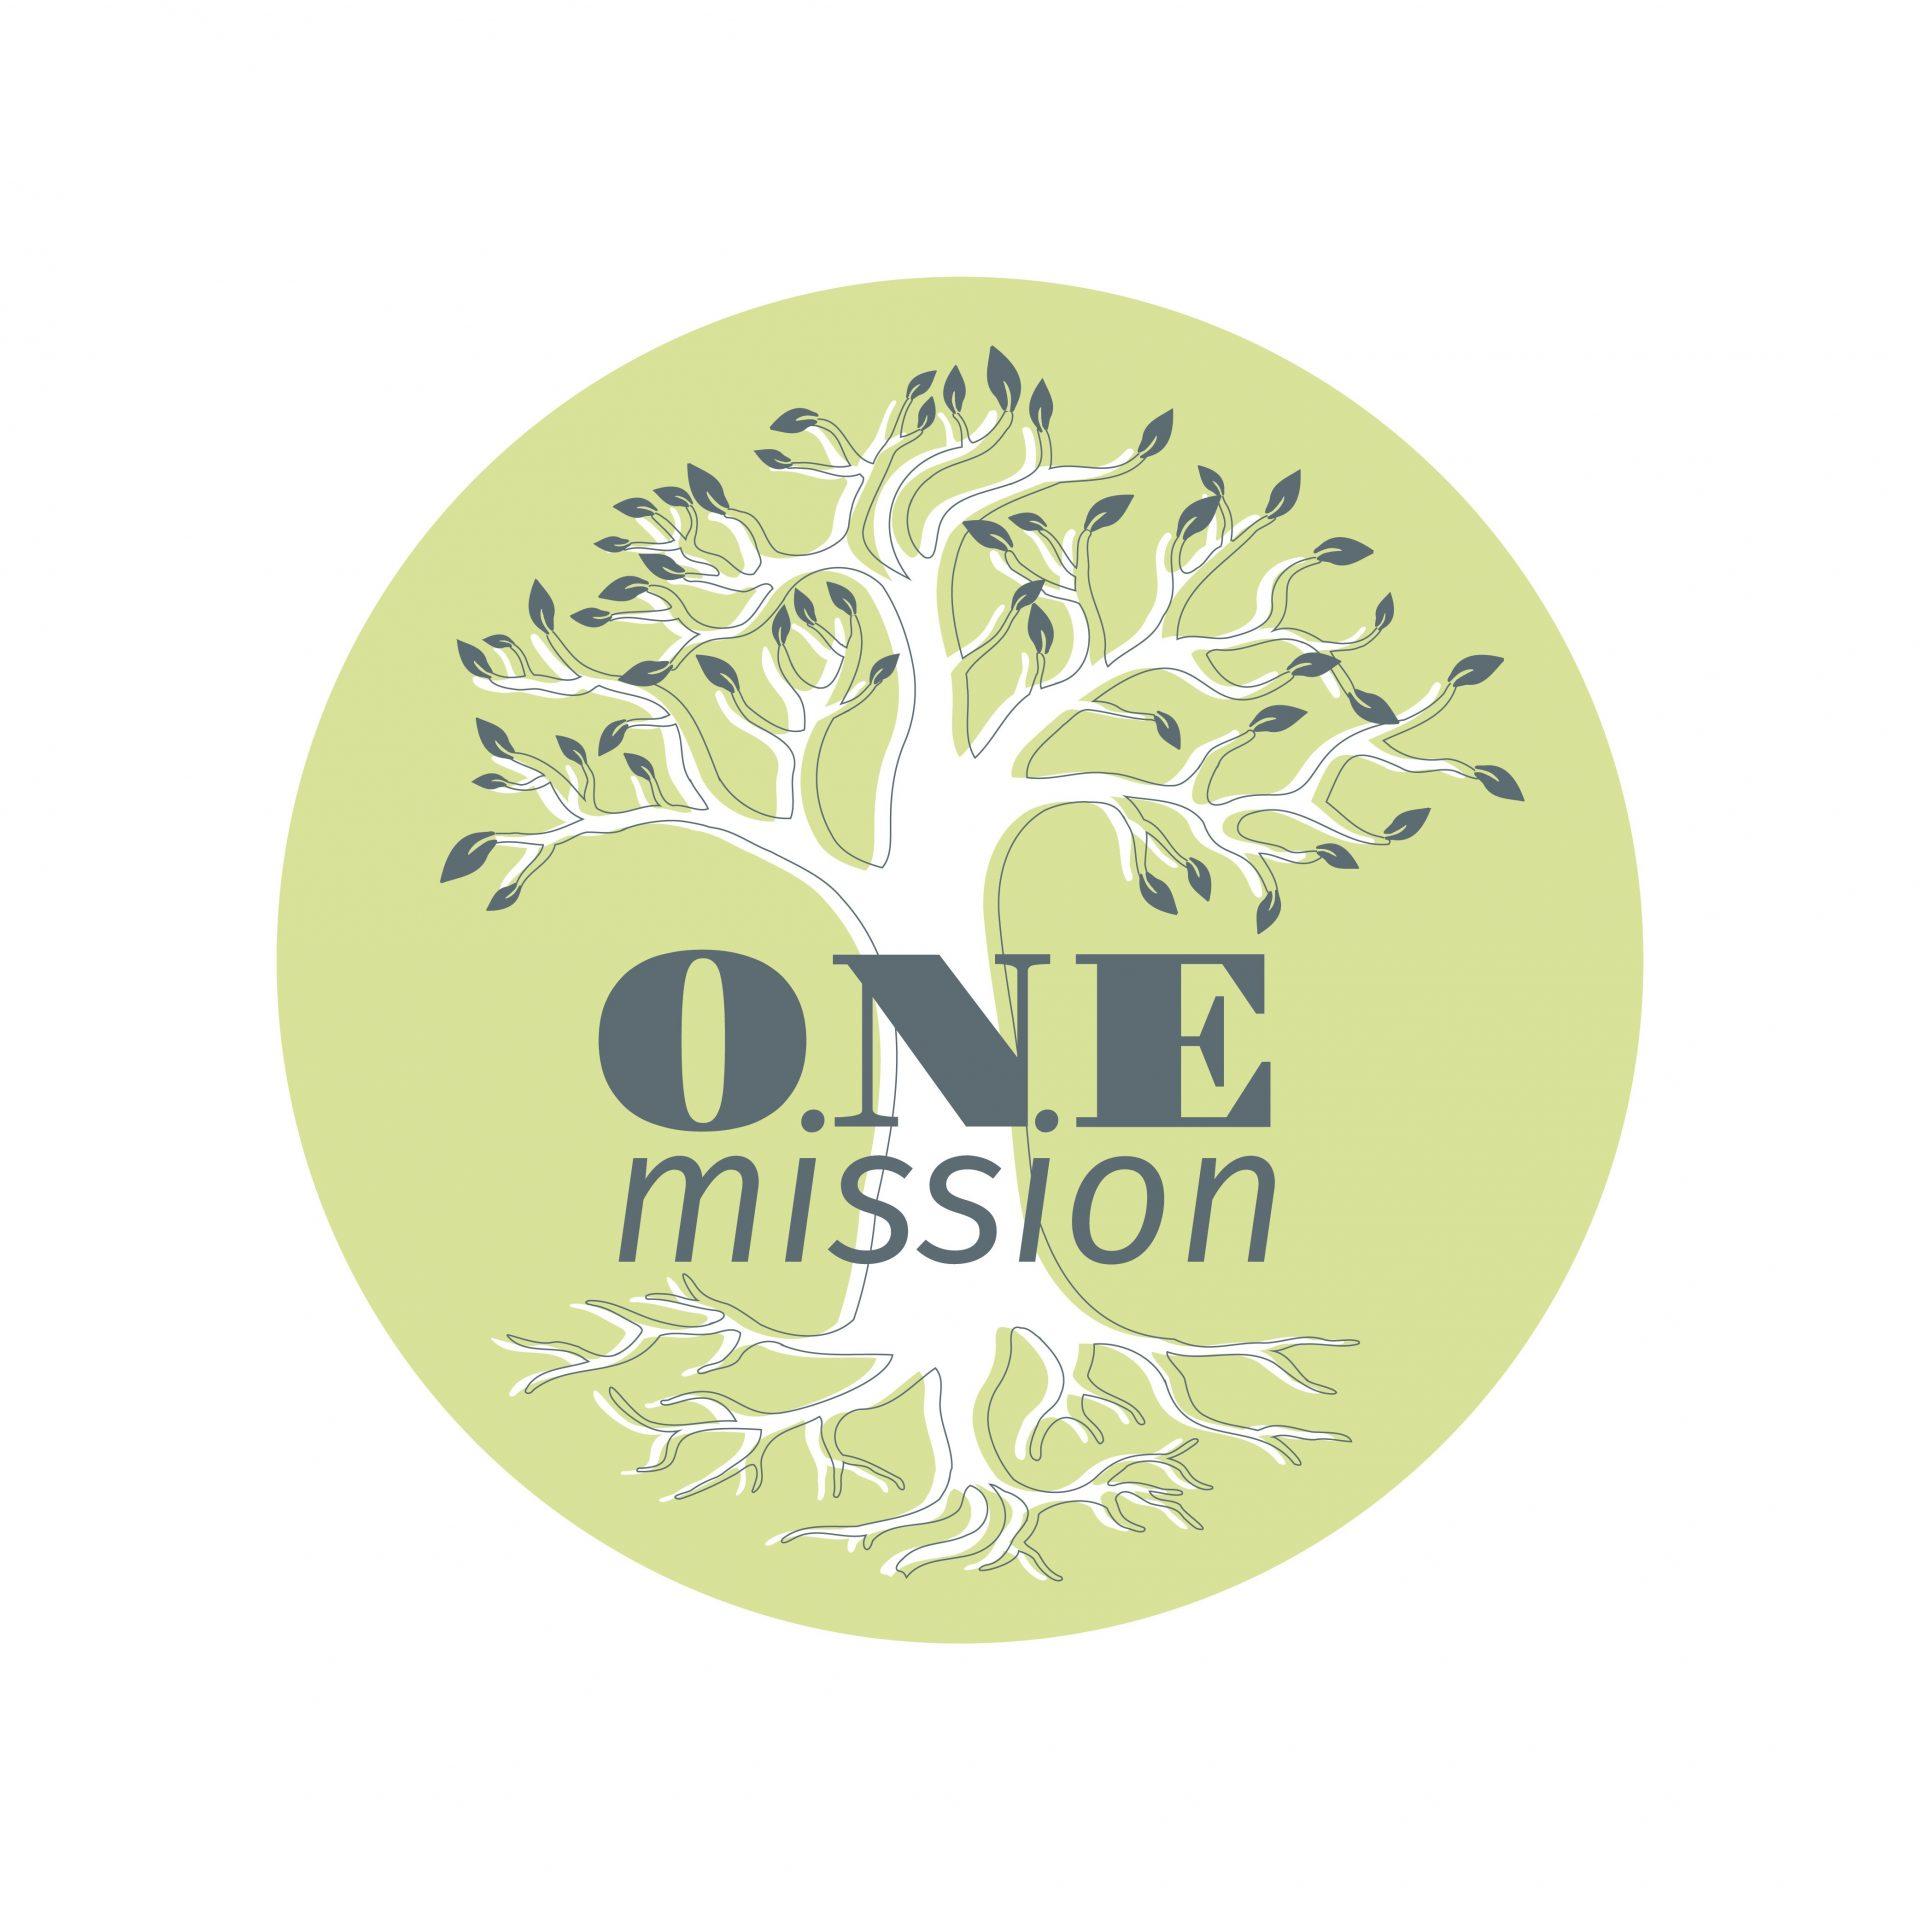 logo one mission. schriftzug & baum inkl. wurzeln in einem kreis